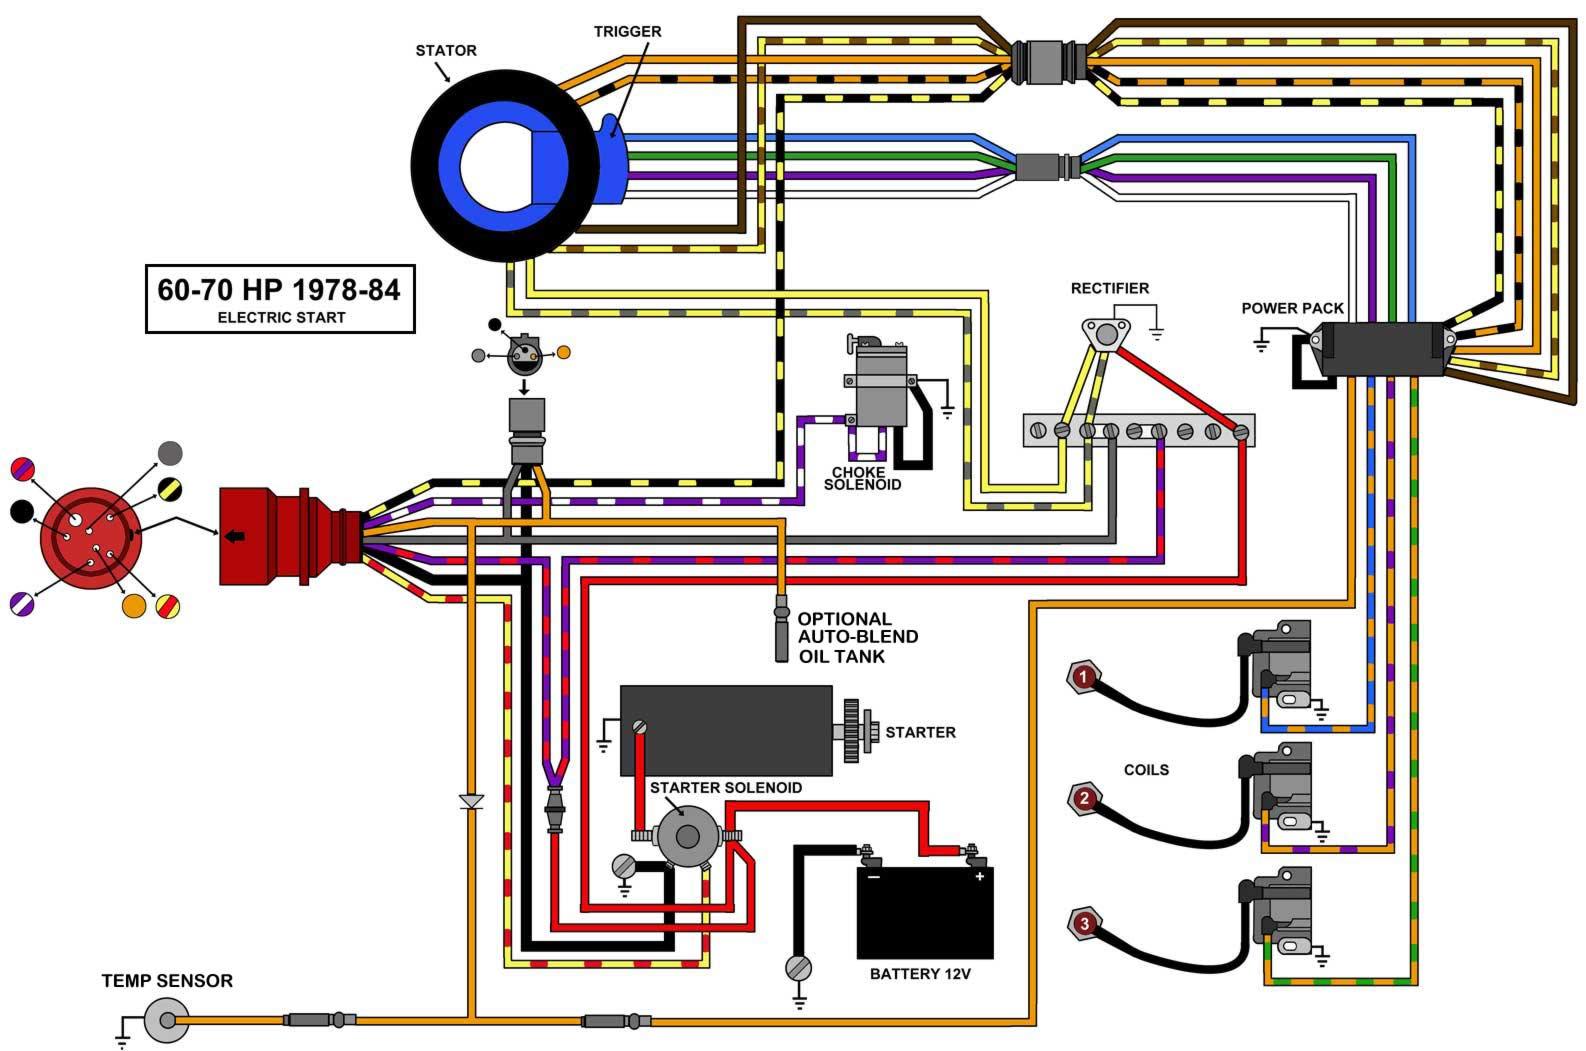 FG_4329] 40 Hp Evinrude Wiring Diagram Schematic WiringHyedi Unpr Tomy Shopa Mohammedshrine Librar Wiring 101